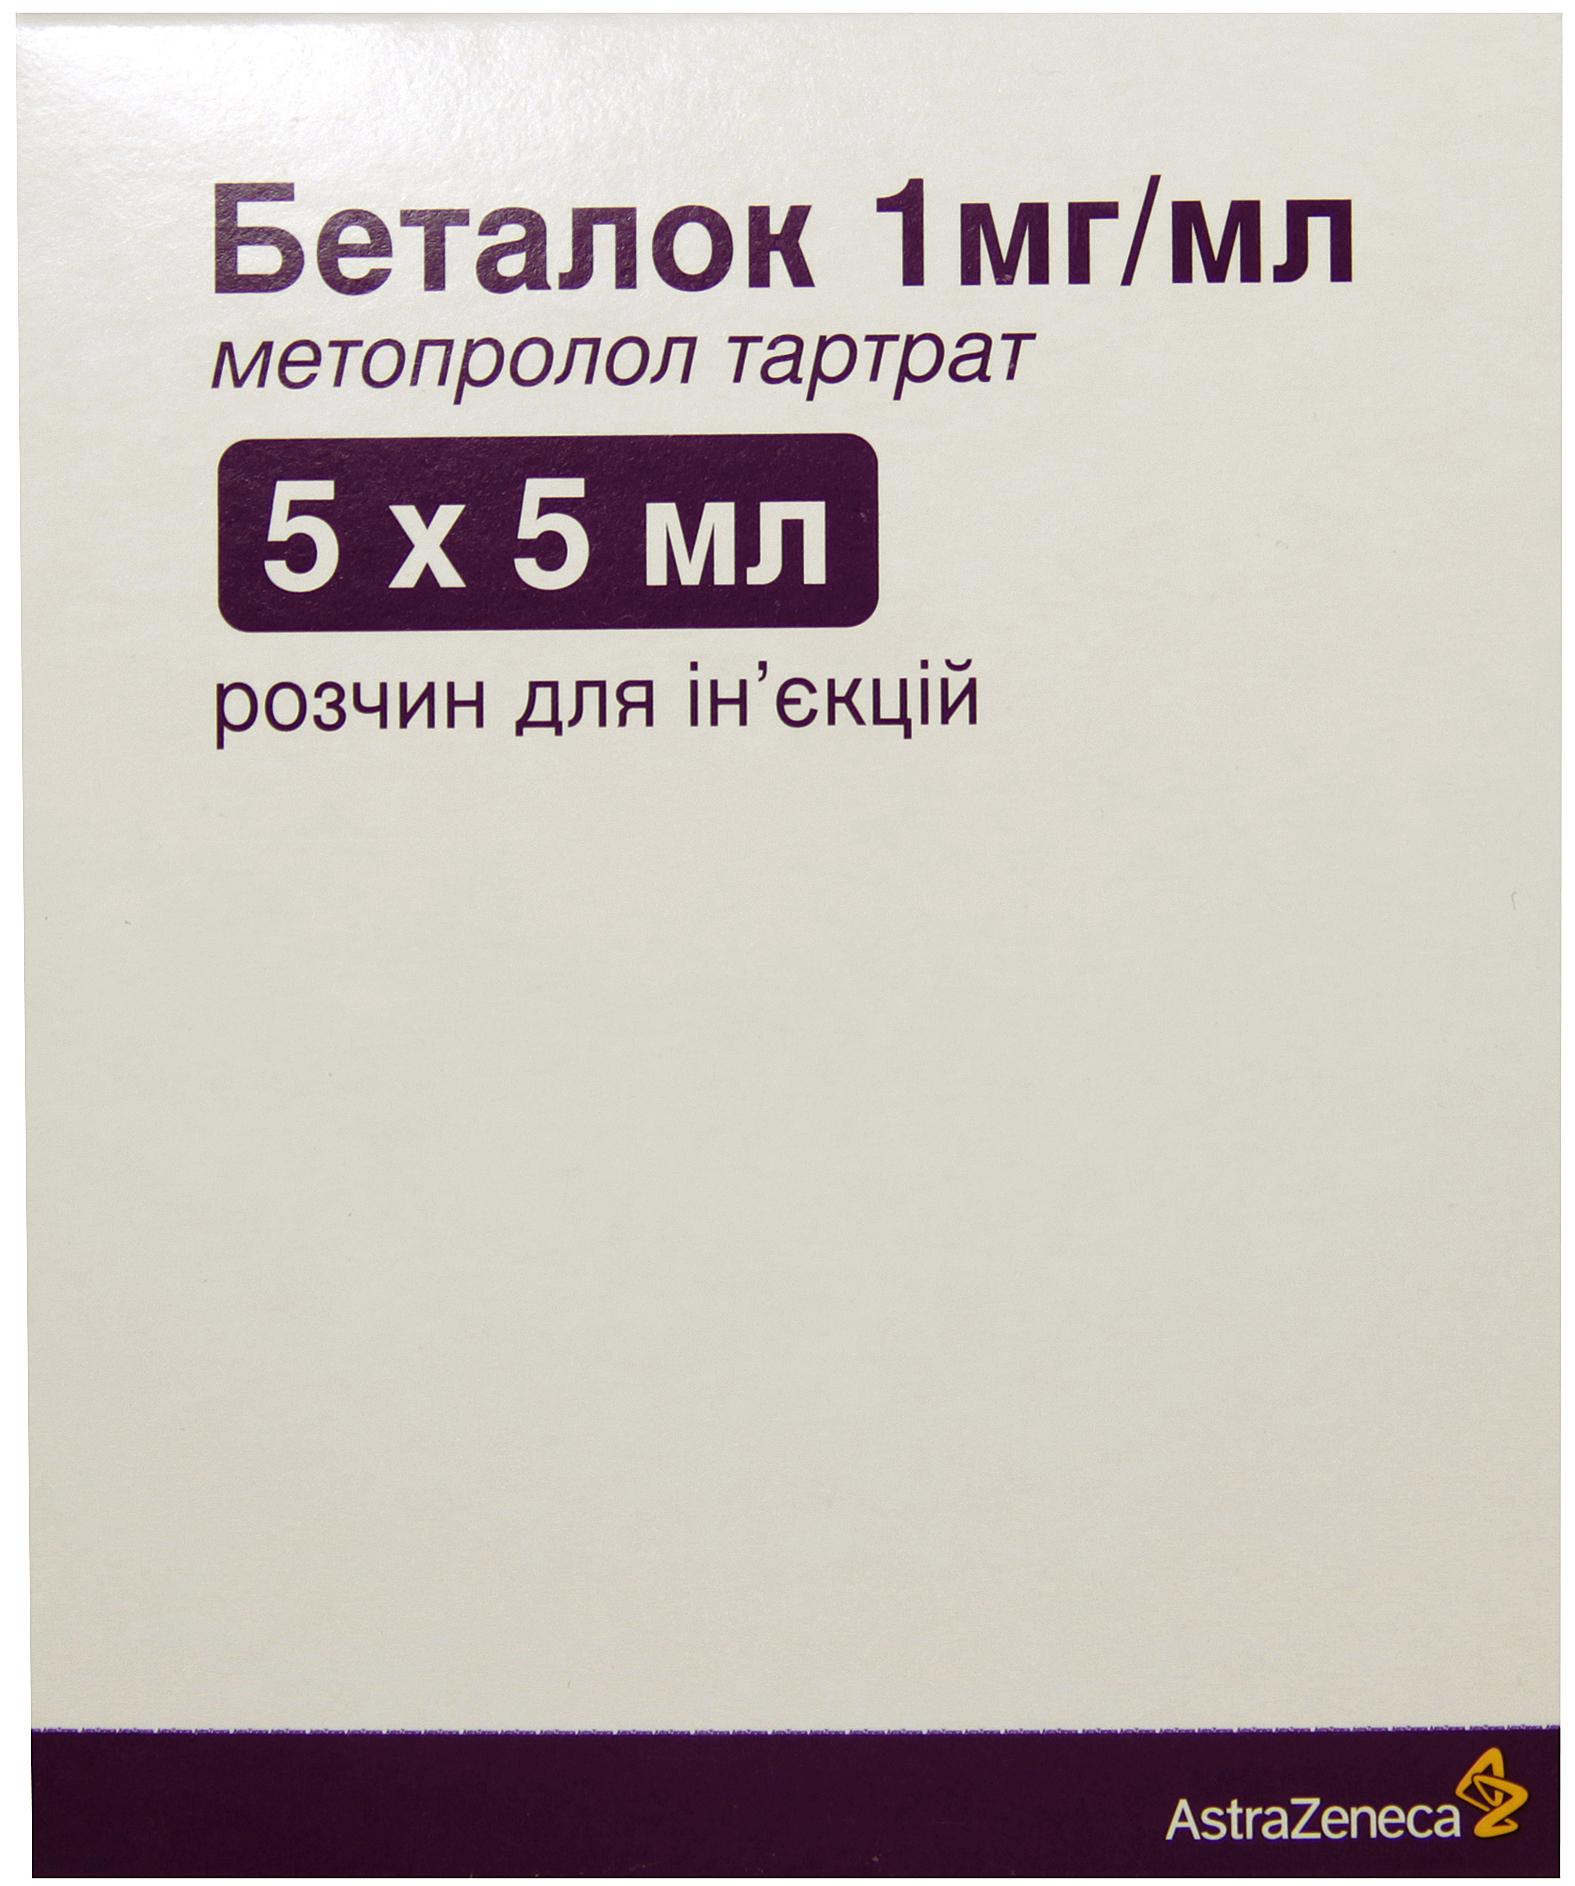 Беталок: таблетки для лечения гипертензии и послеинфарктного состояния, дозировка для ввода